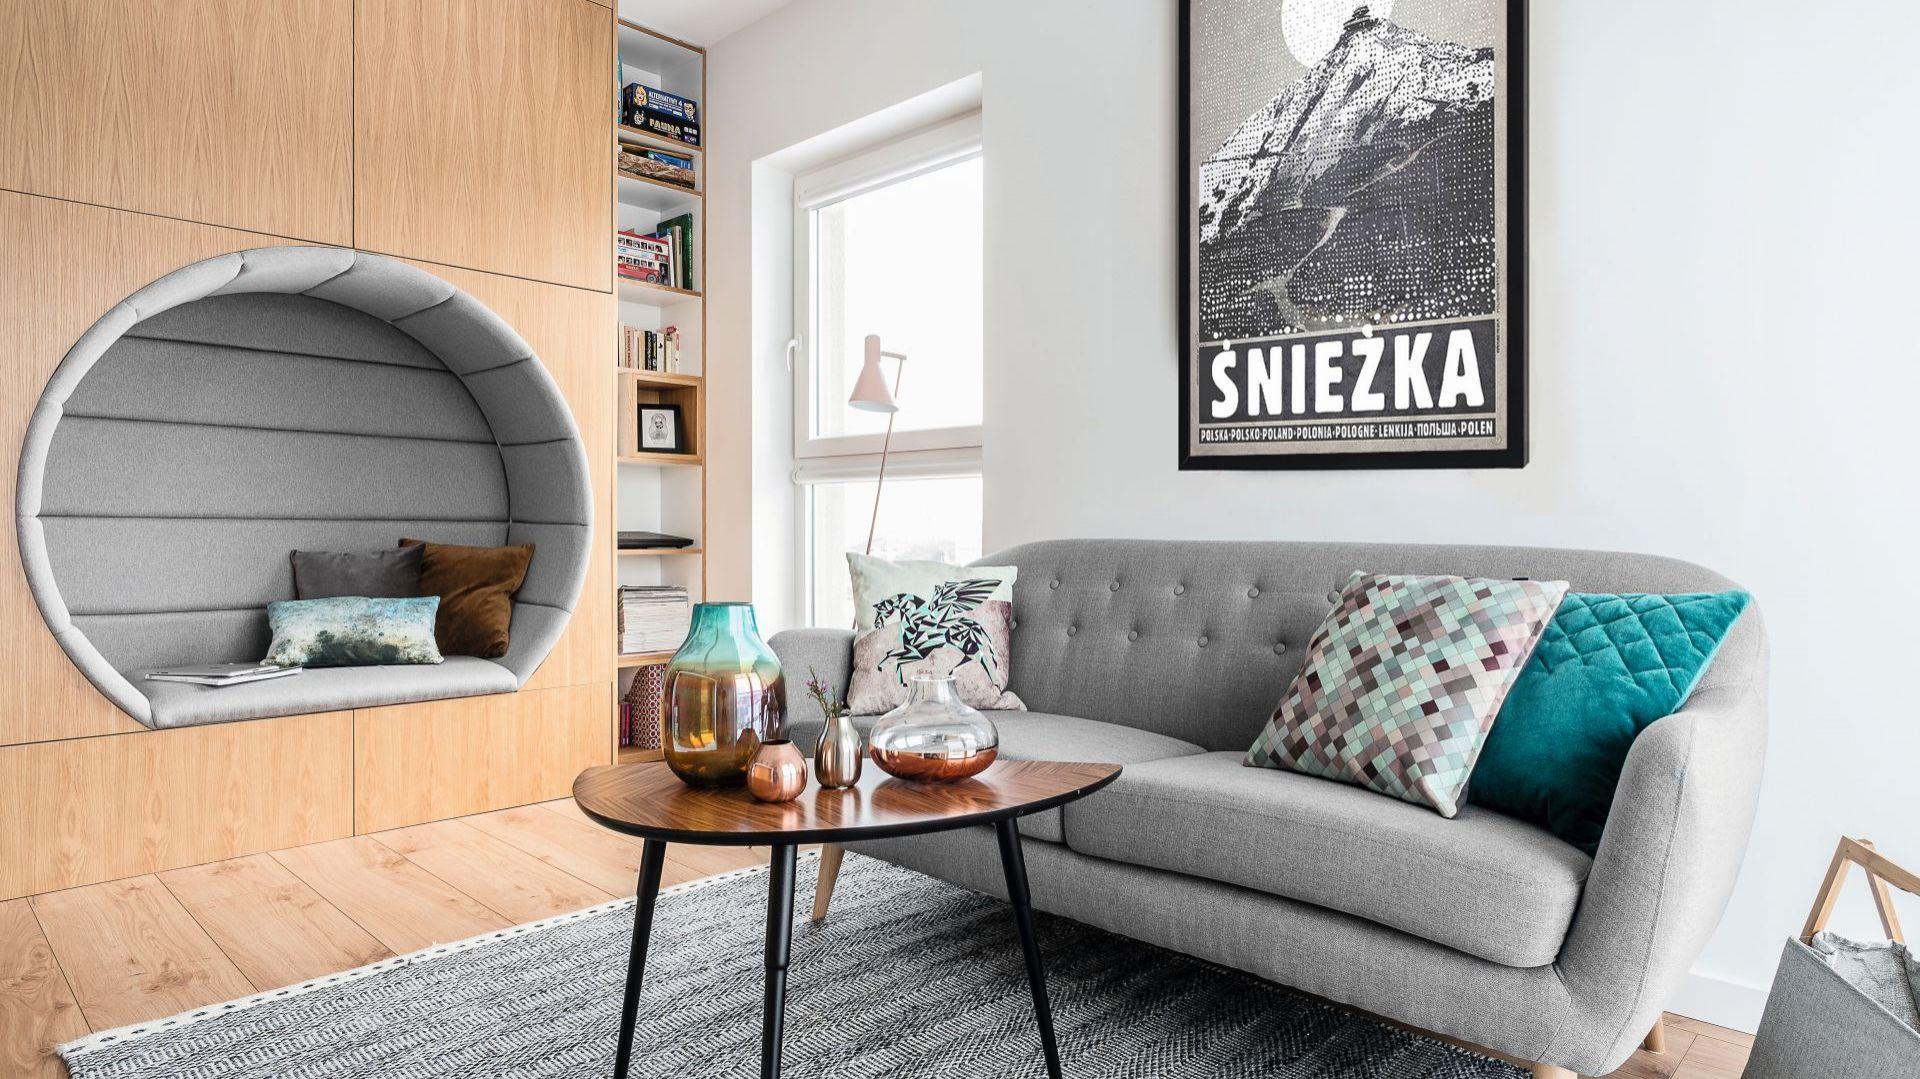 W małym salonie zdecydowano się na niewielką, ale stylową sofę na nóżkach, które dodają jej lekkości. Projekt Magdalena Bielicka, Maria Zrzelska-Pawlak, Pracownia Magma. Zdjęcia Fotomohito